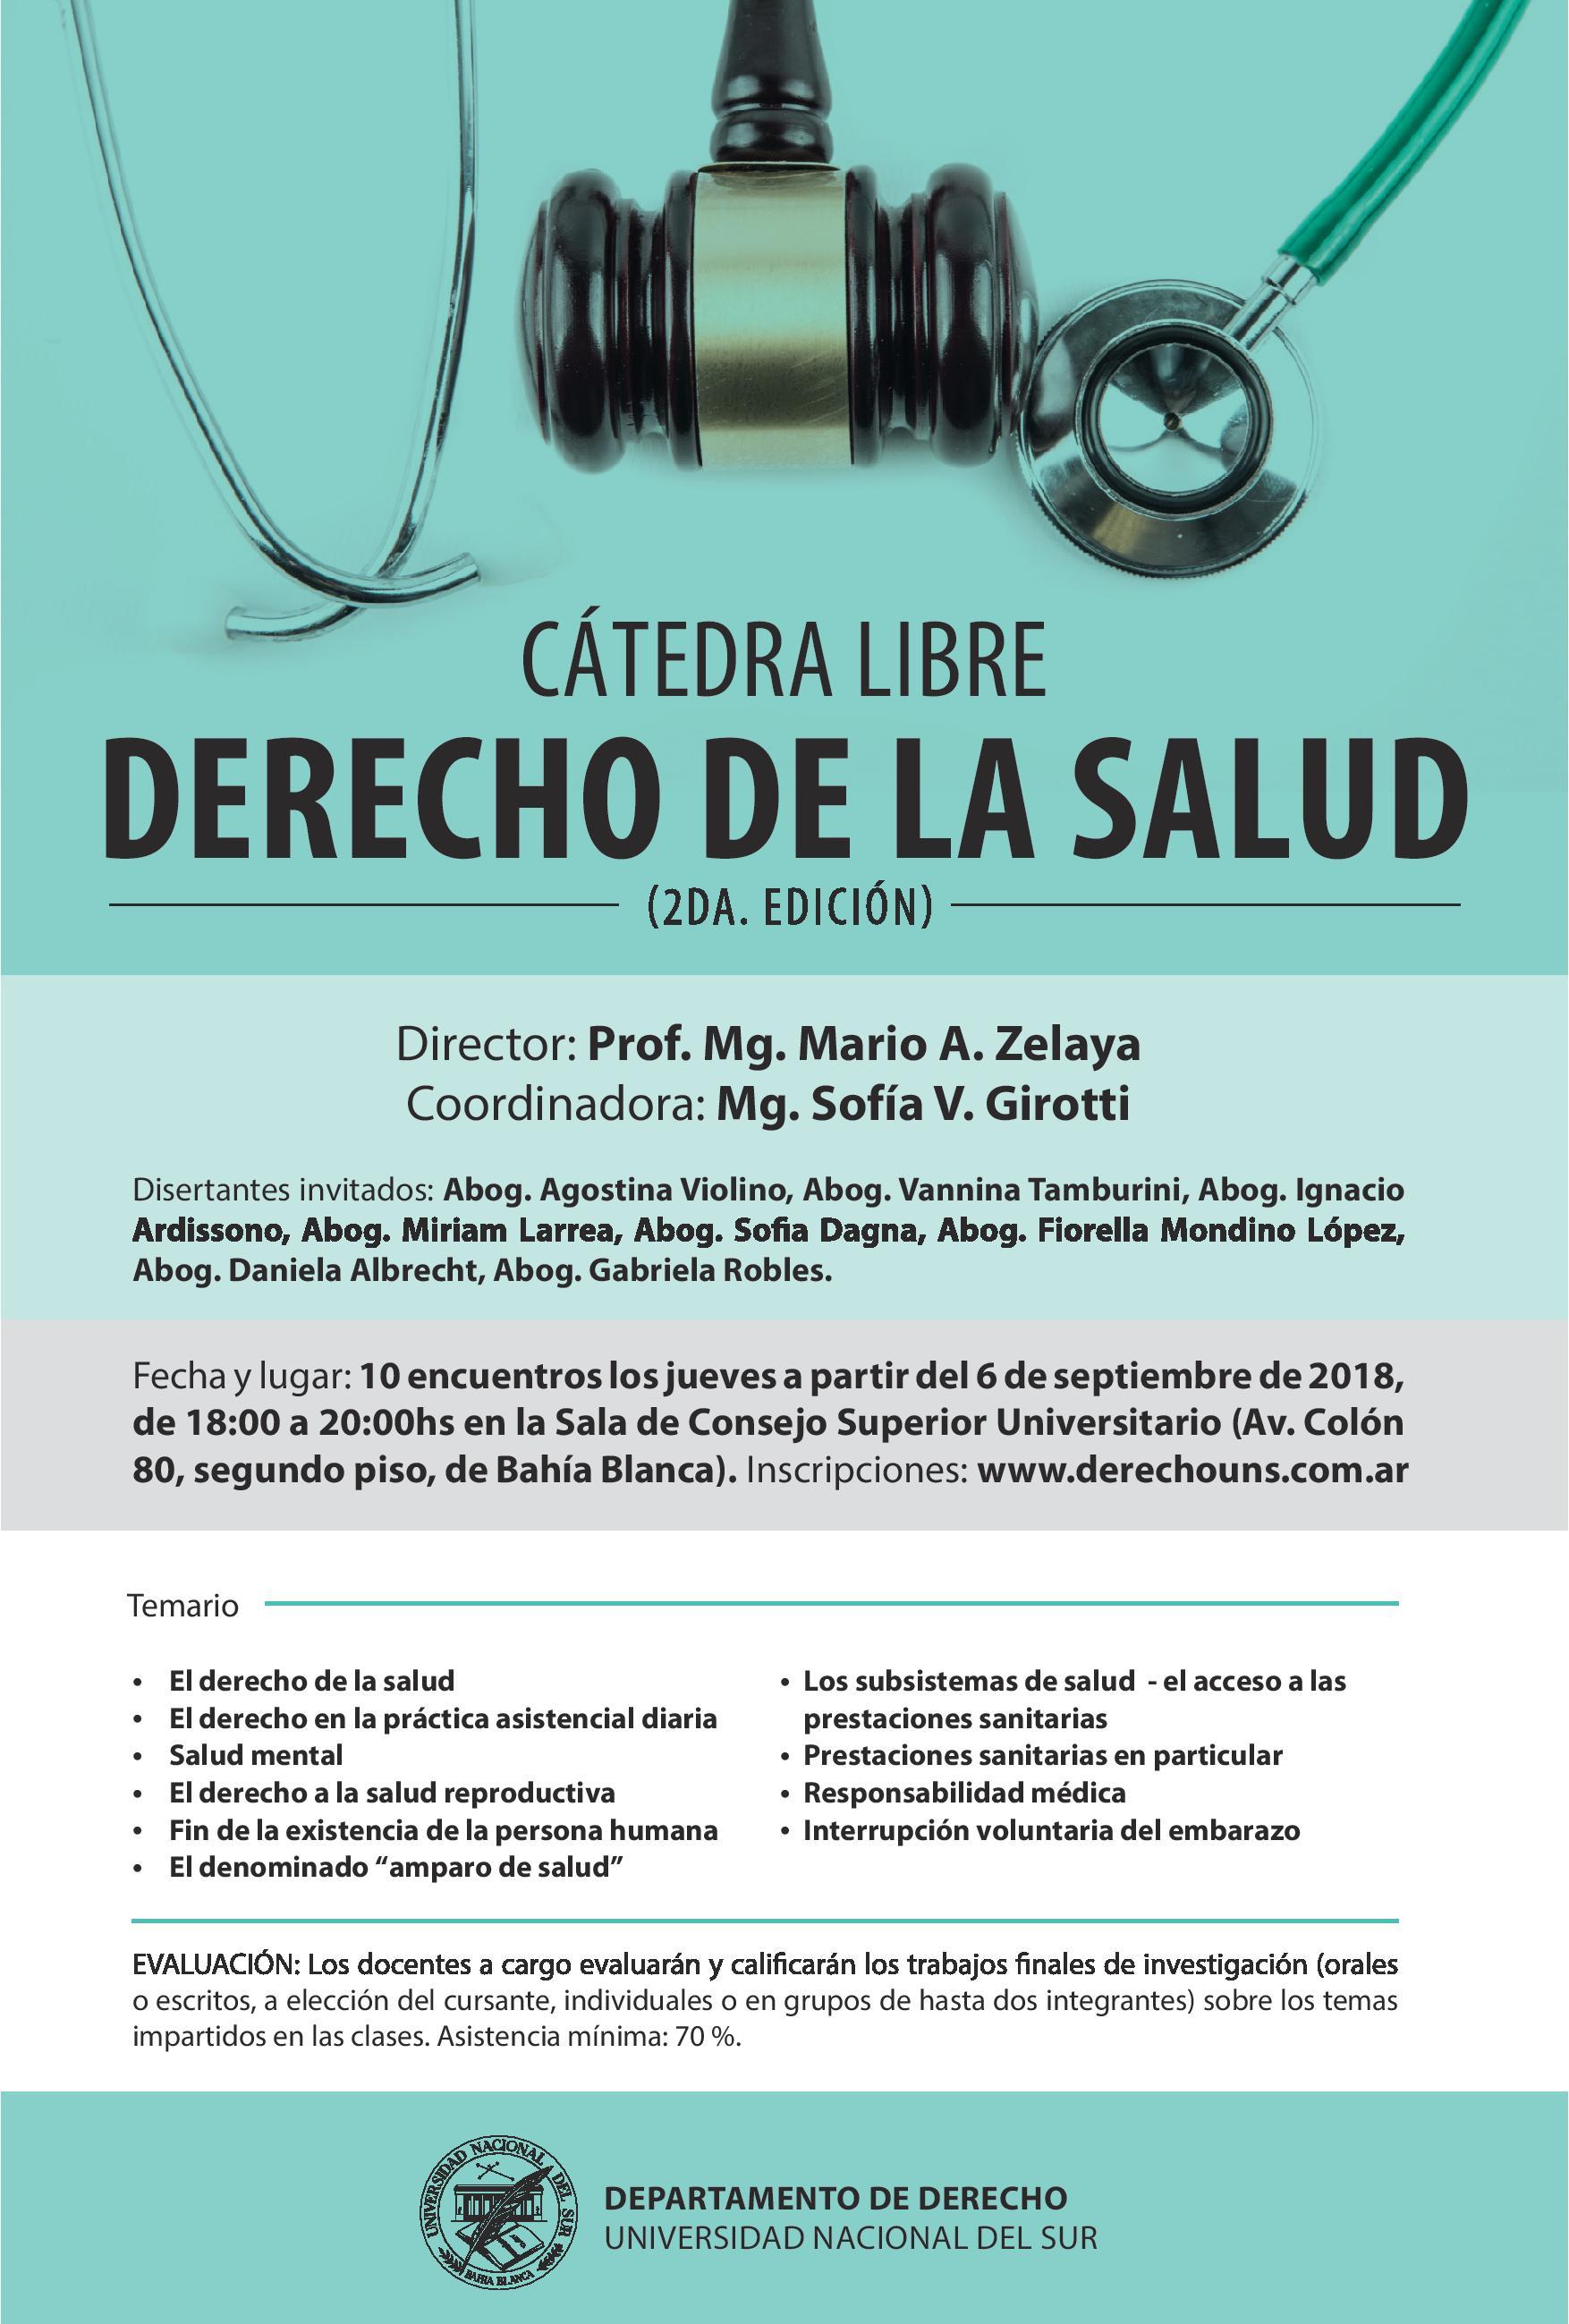 Catedra Libre DERECHO DE LA SALUD